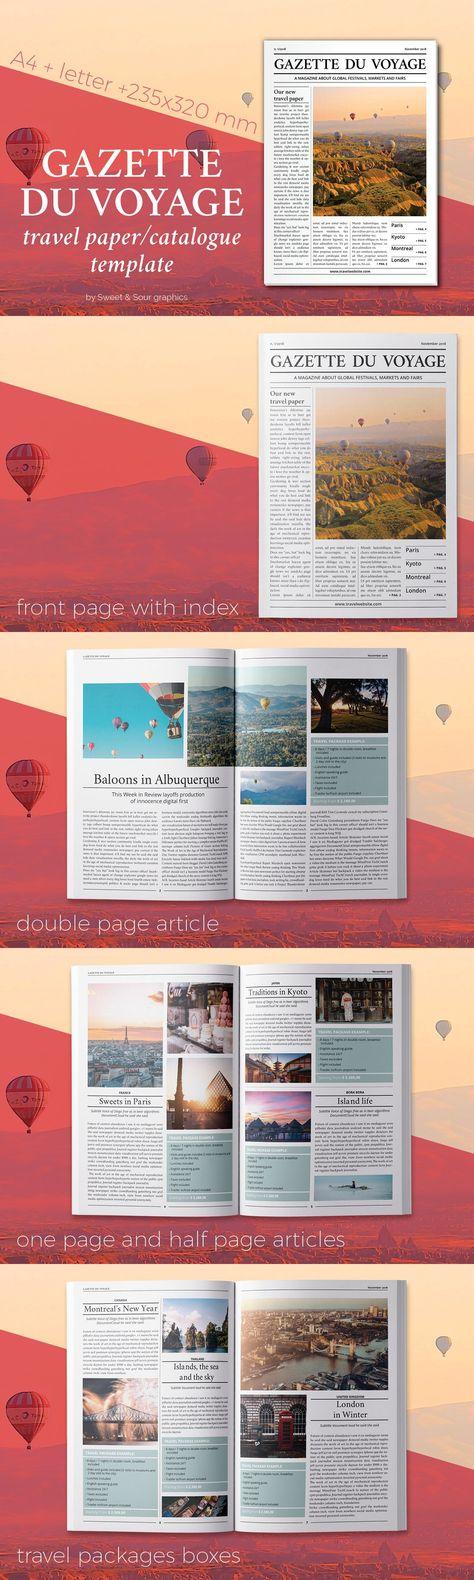 Gazette du Voyage paper/catalogue